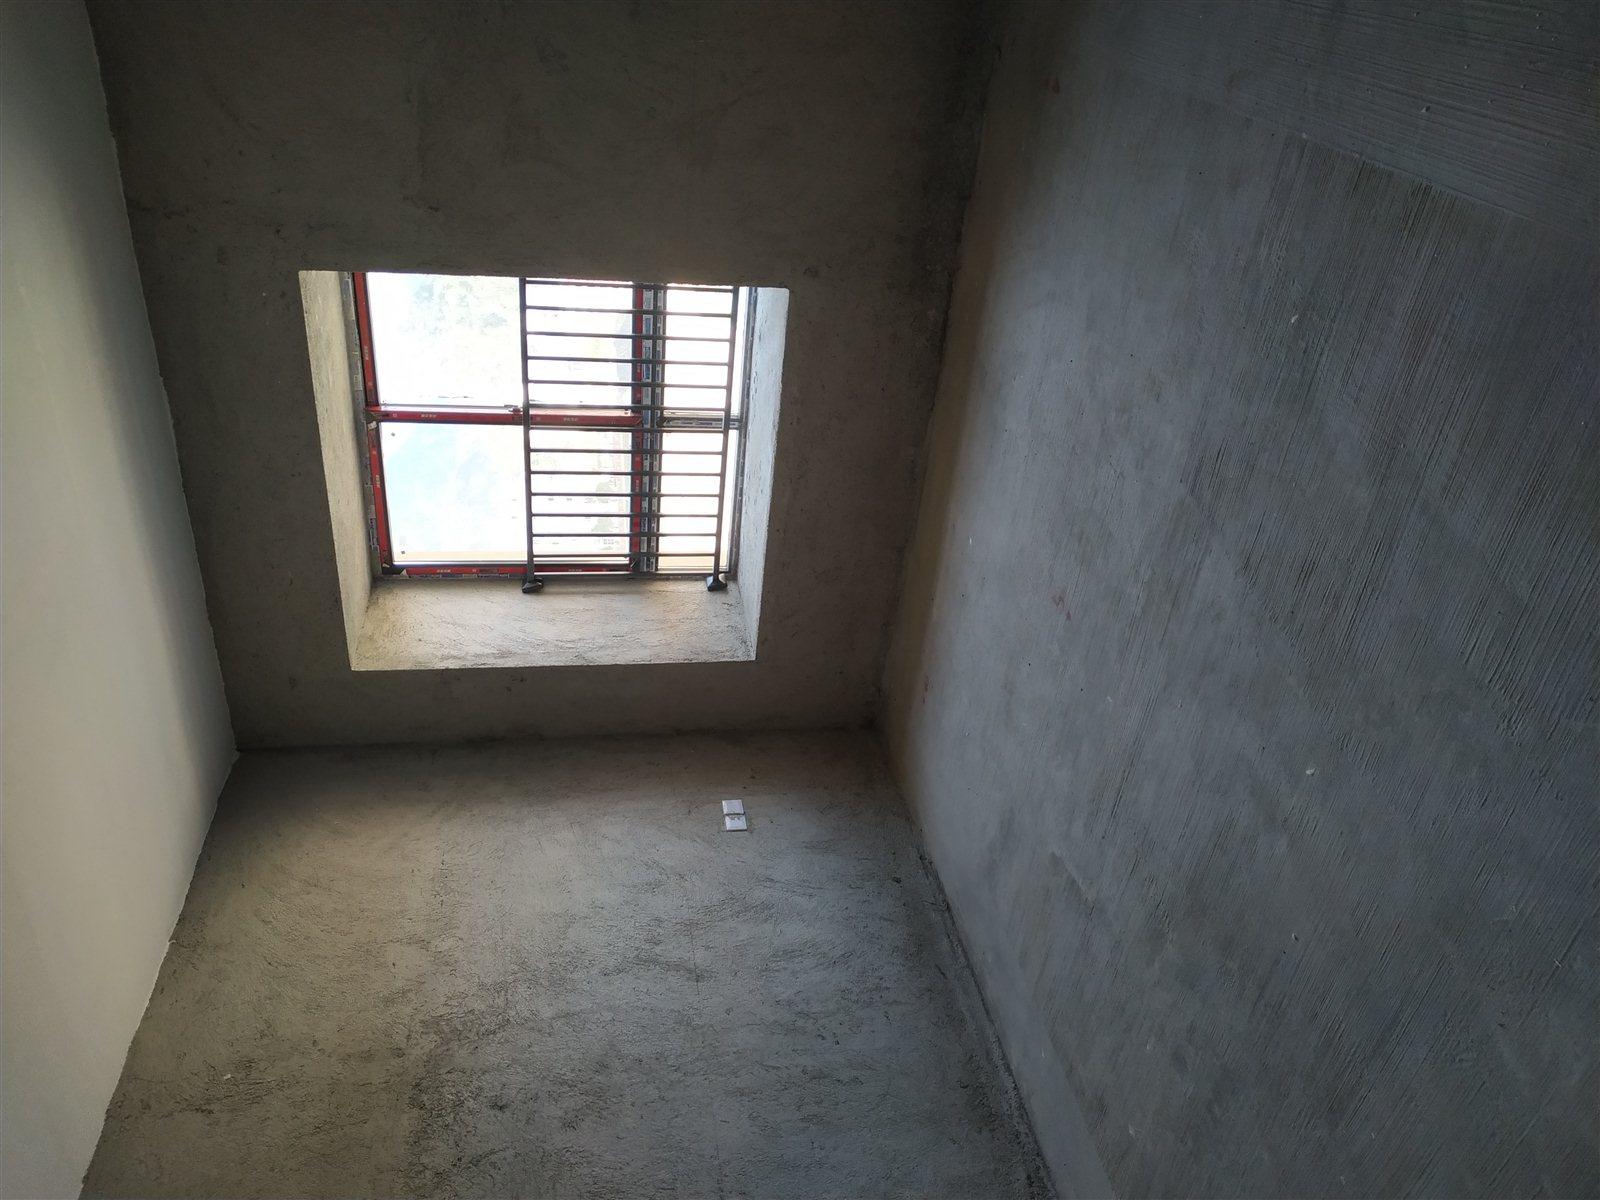 中央府邸4室 2厅 2卫68.8万元